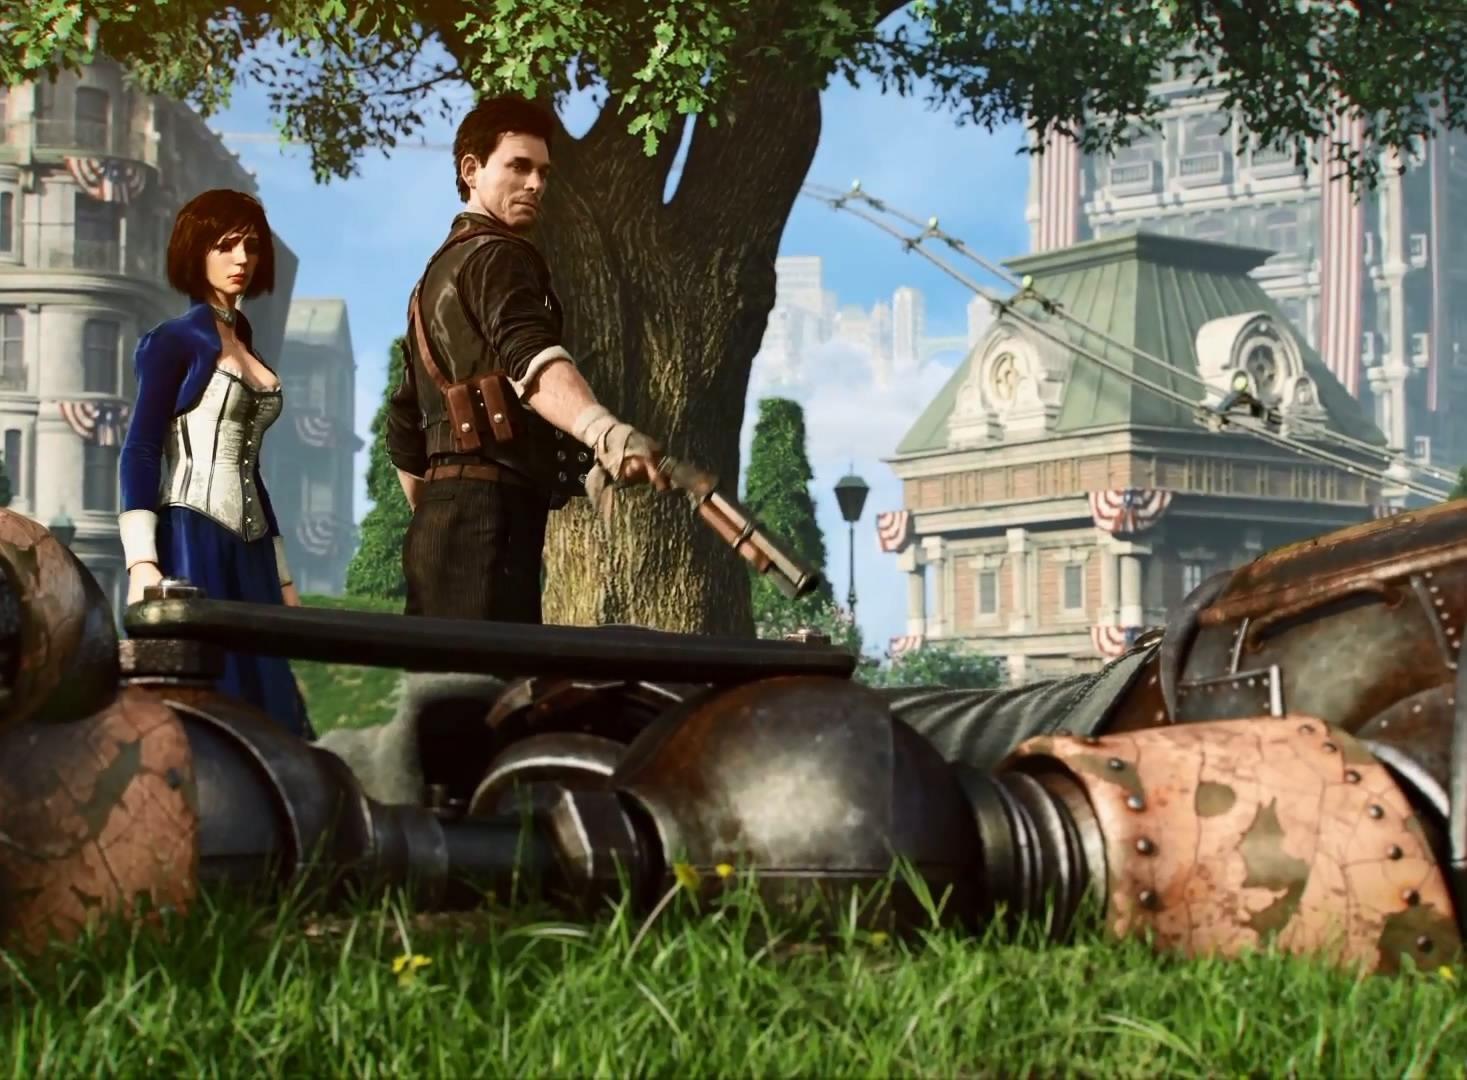 20231 télécharger le fond d'écran Jeux, Bioshock - économiseurs d'écran et images gratuitement